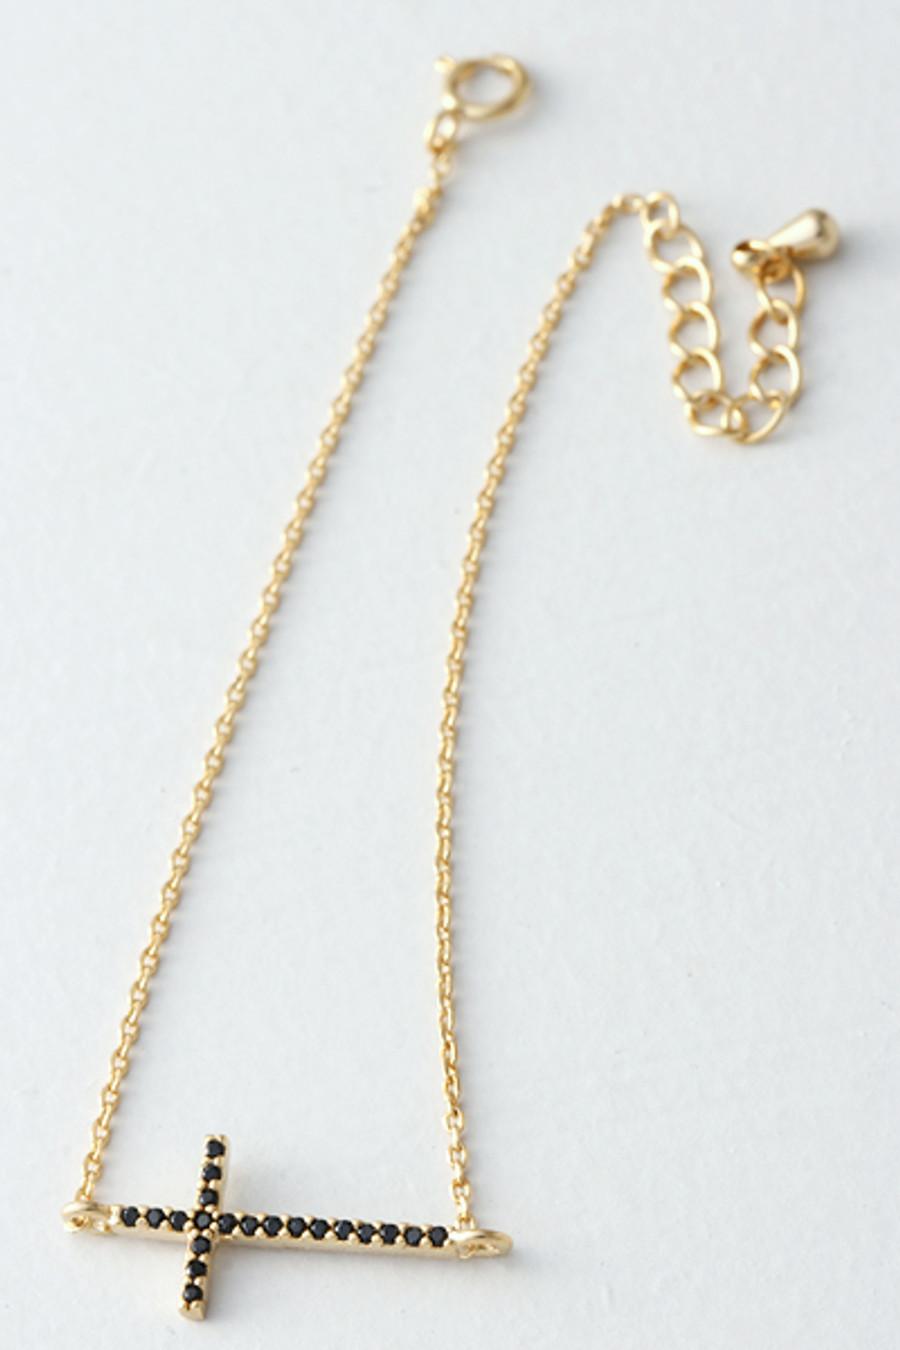 Black CZ Gold Sideways Cross Bracelet Sterling Silver from kellinsilver.com